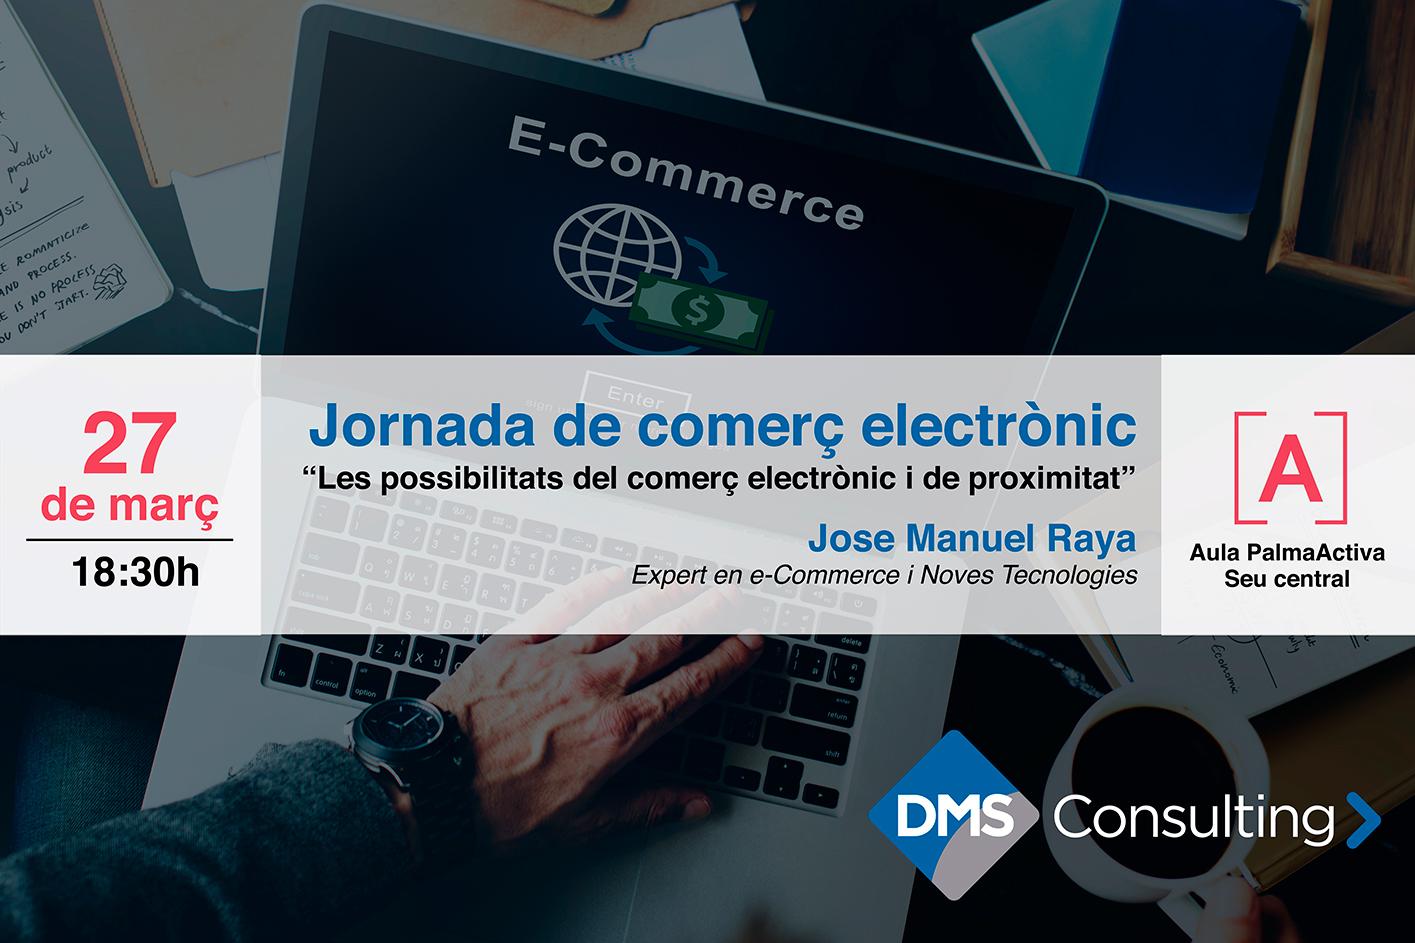 Jornada de comerç electrònic impartida per Jose Manuel Raya a PalmaActiva